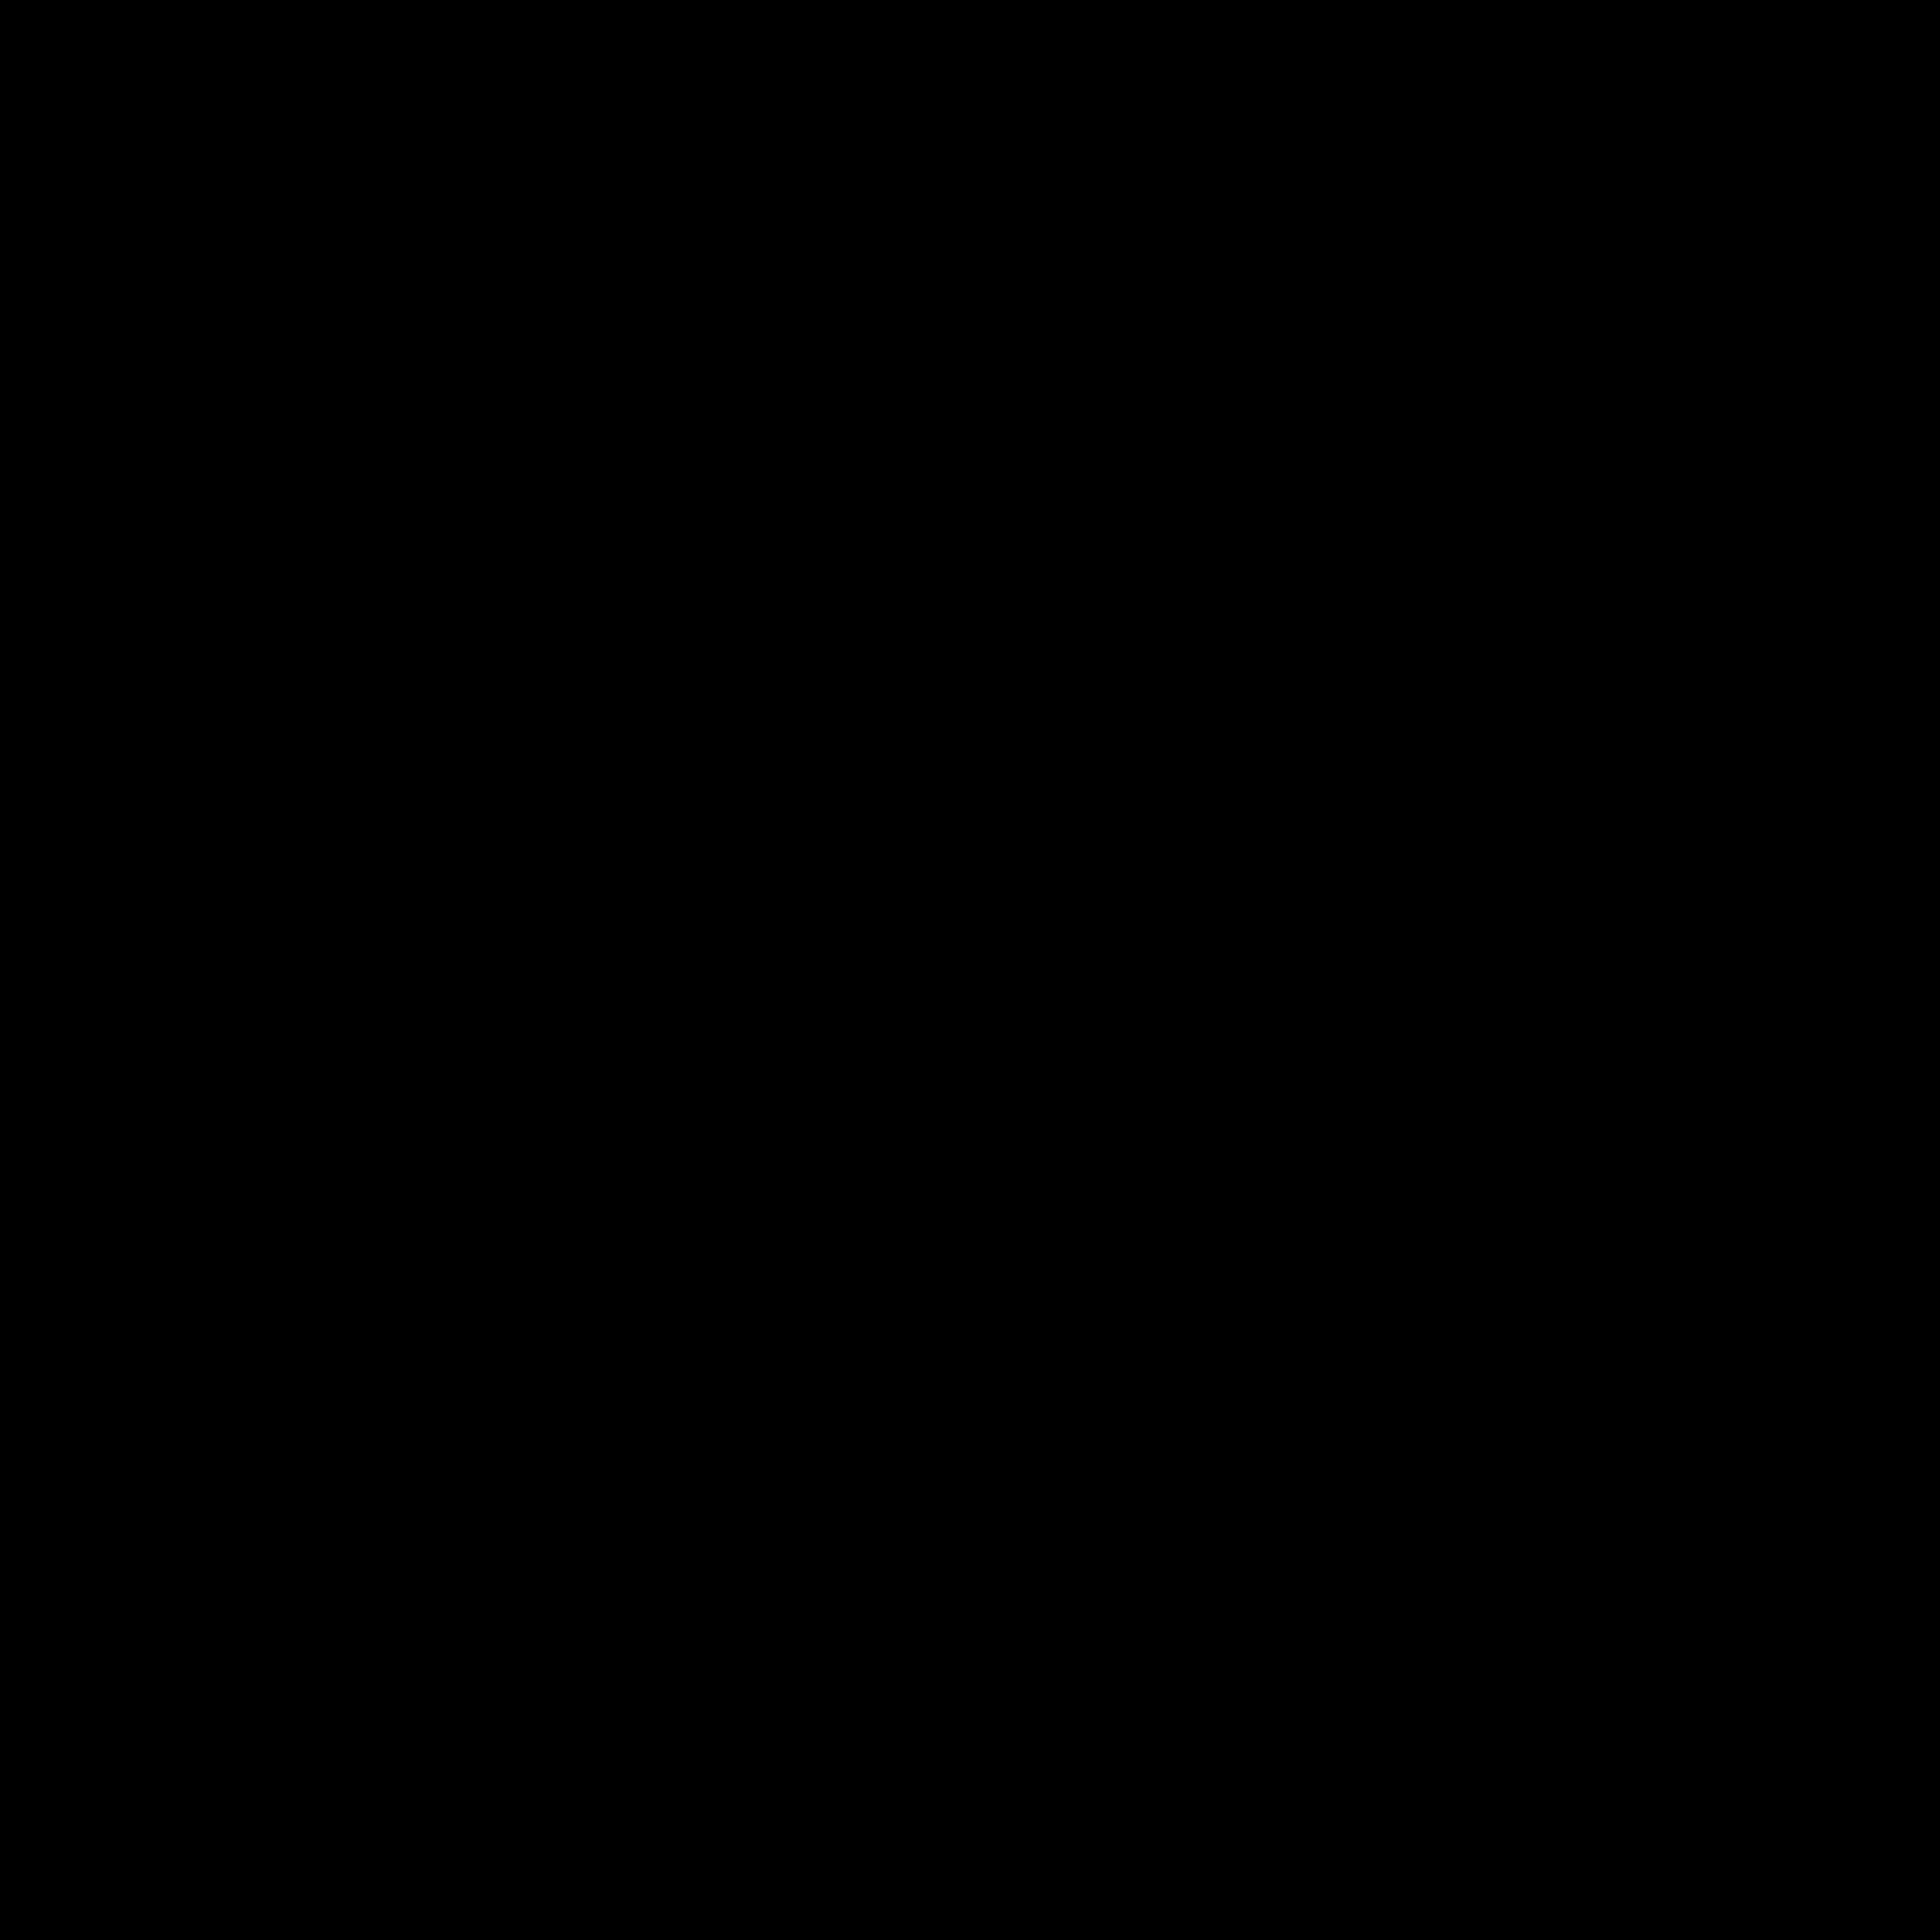 LVM Versicherung Christian Ahlers - Versicherungsagentur